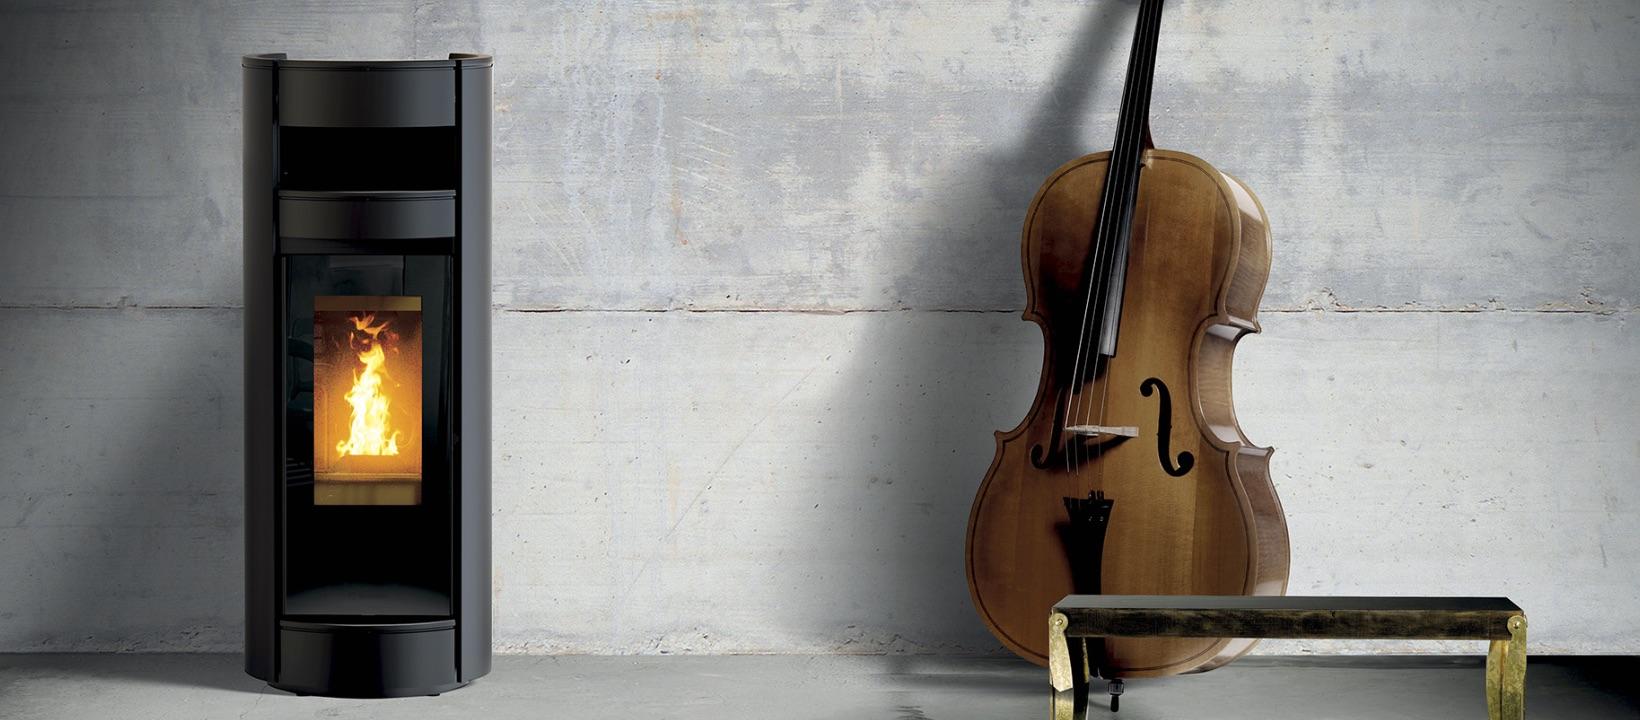 Beeld van een Thermorossi pelletkachel naast een cello